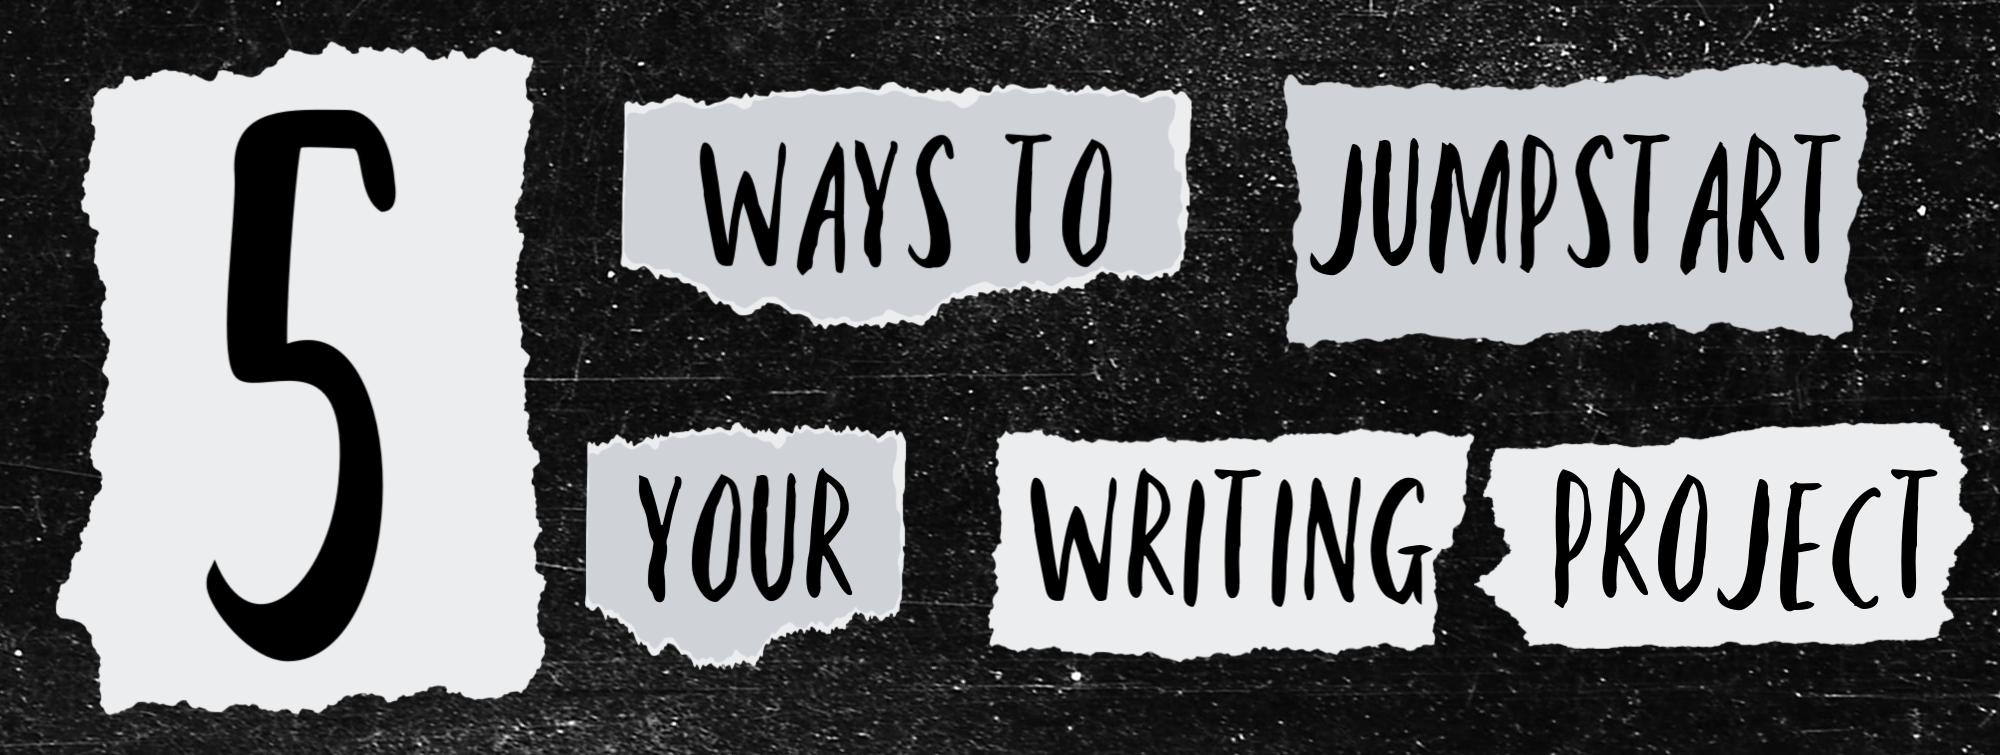 5 ways to jumpstart